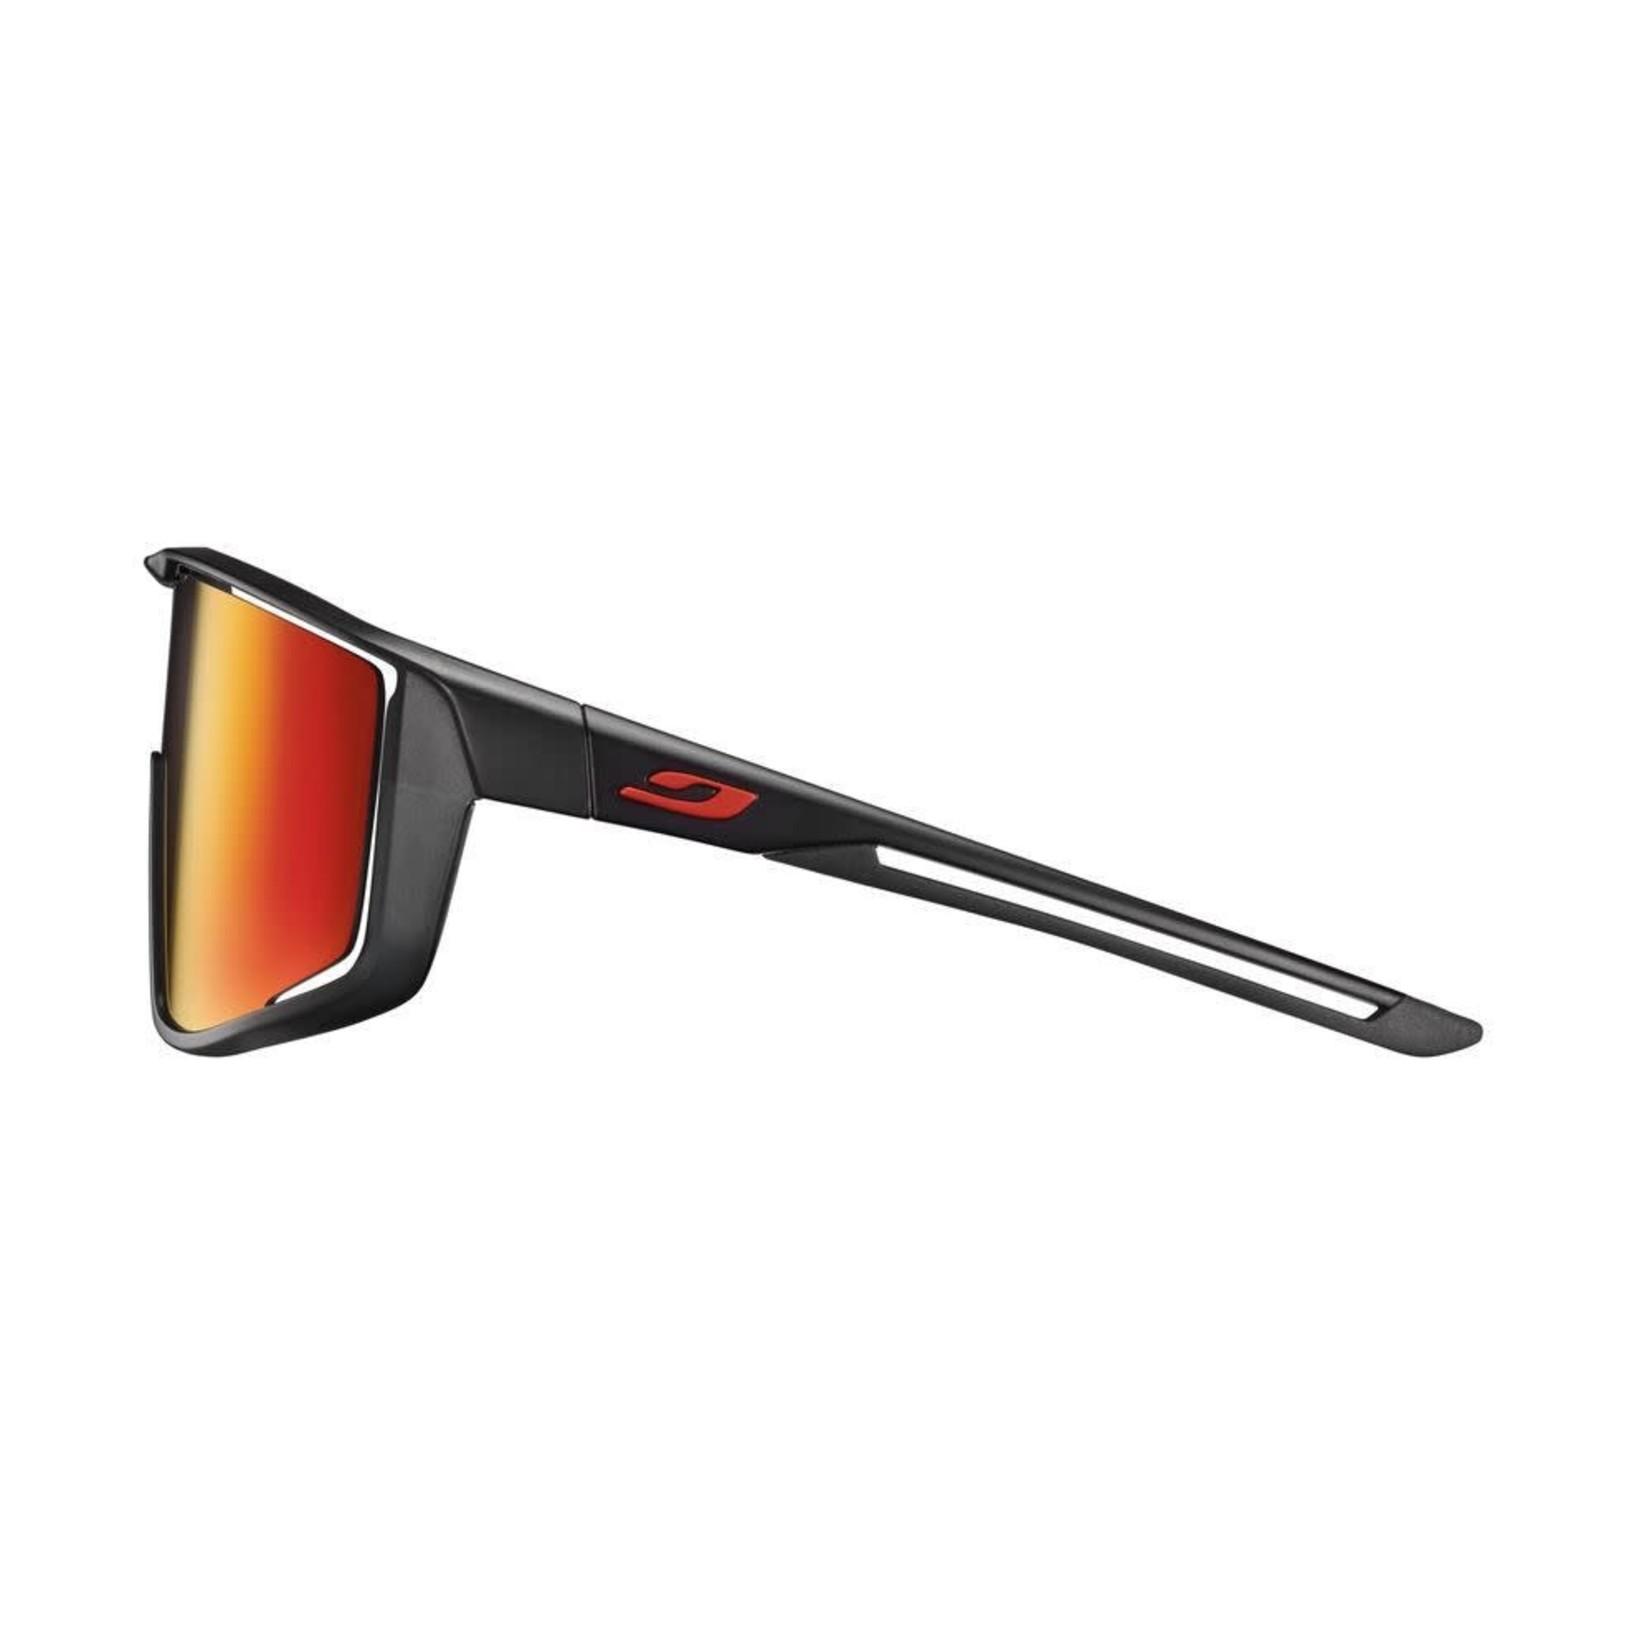 Julbo Julbo occhiali Fury nero/rosso Spectron 3 rosso